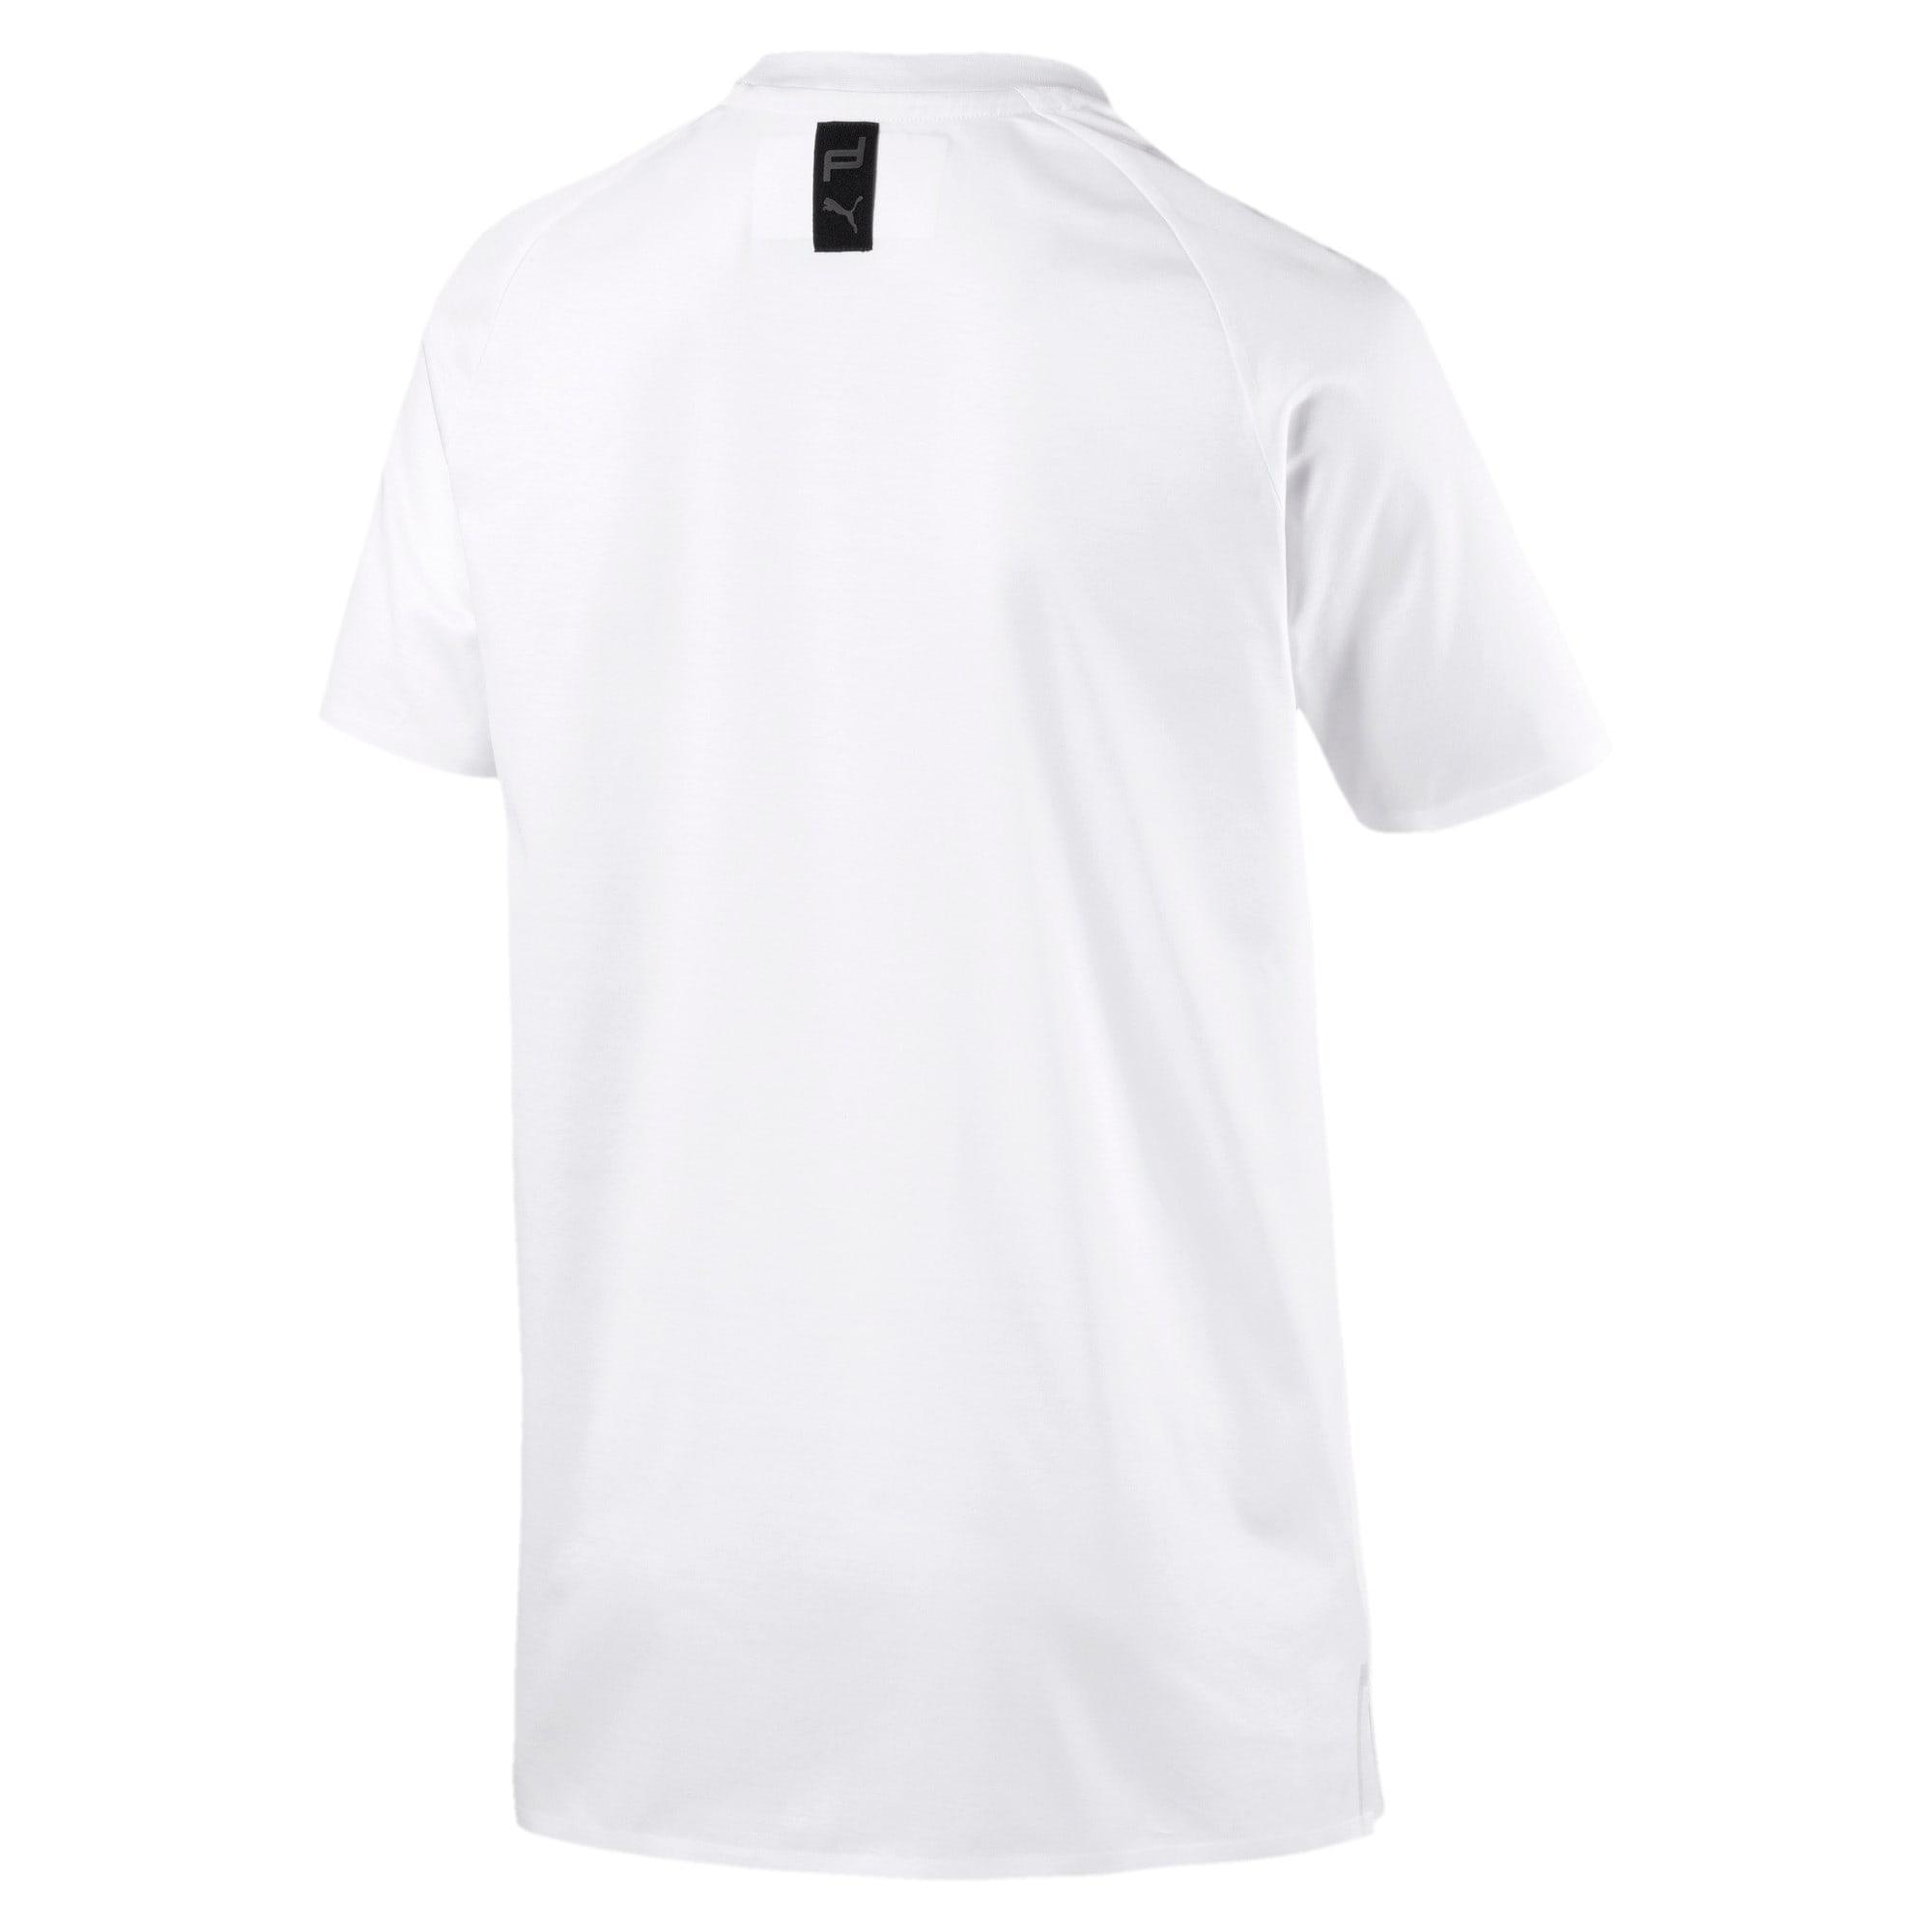 Thumbnail 3 of PORSCHE DESIGN  ライフ Tシャツ, Puma White, medium-JPN